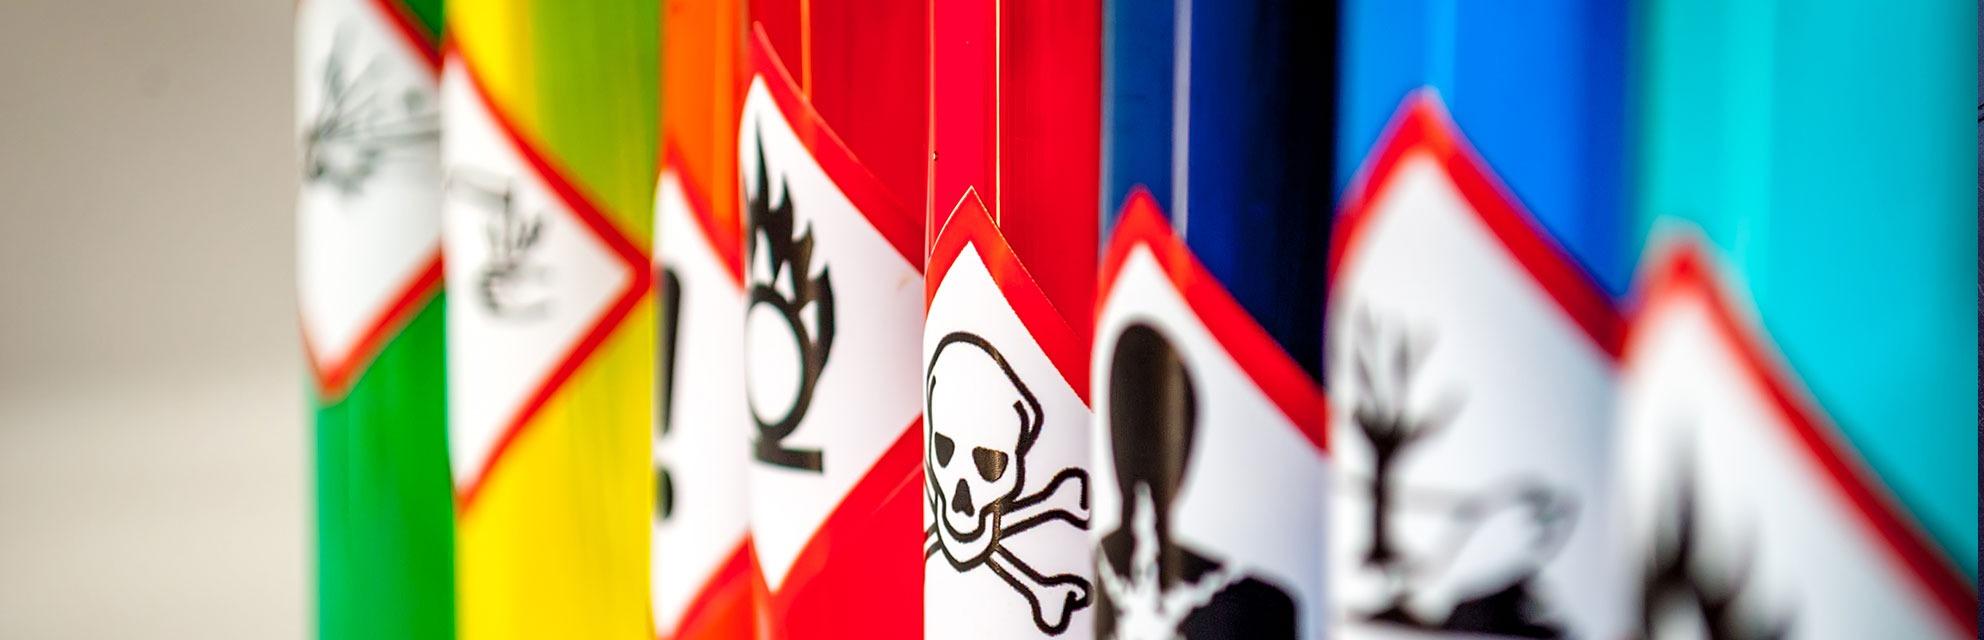 Особенности перевозки опасных грузов компании Галс Маркет